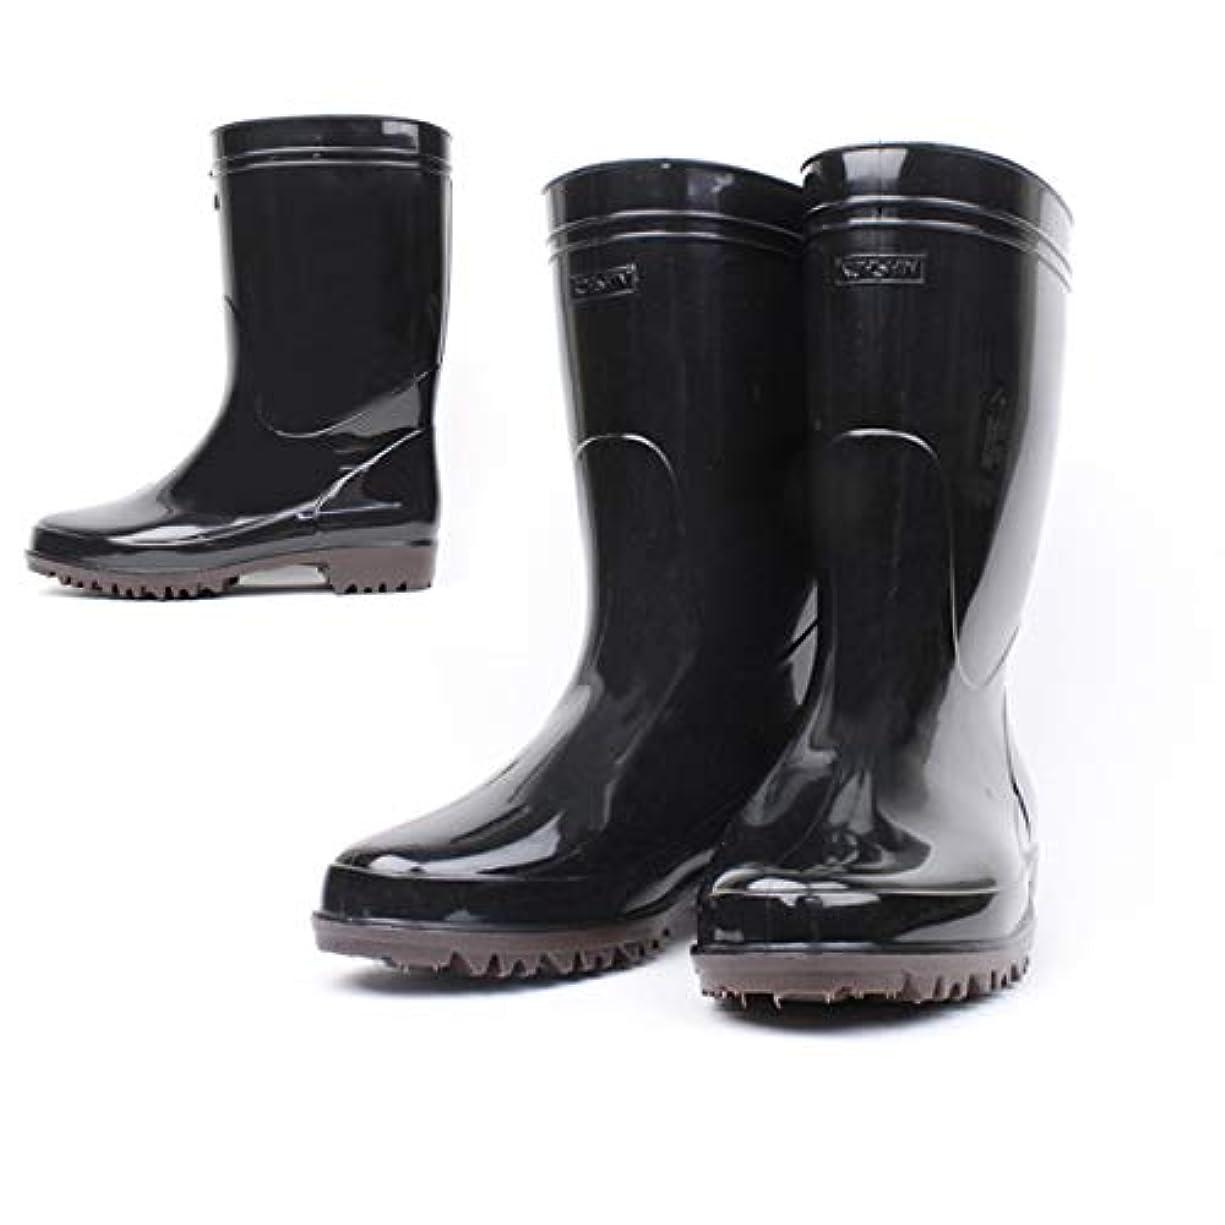 予定に沿って簡略化するメンズ ブーツ 長靴 ワークブーツ スノーブーツ シンプル 紳士 ゾナ G-3 ネオ耐油 (ZONA-G3-NEO)